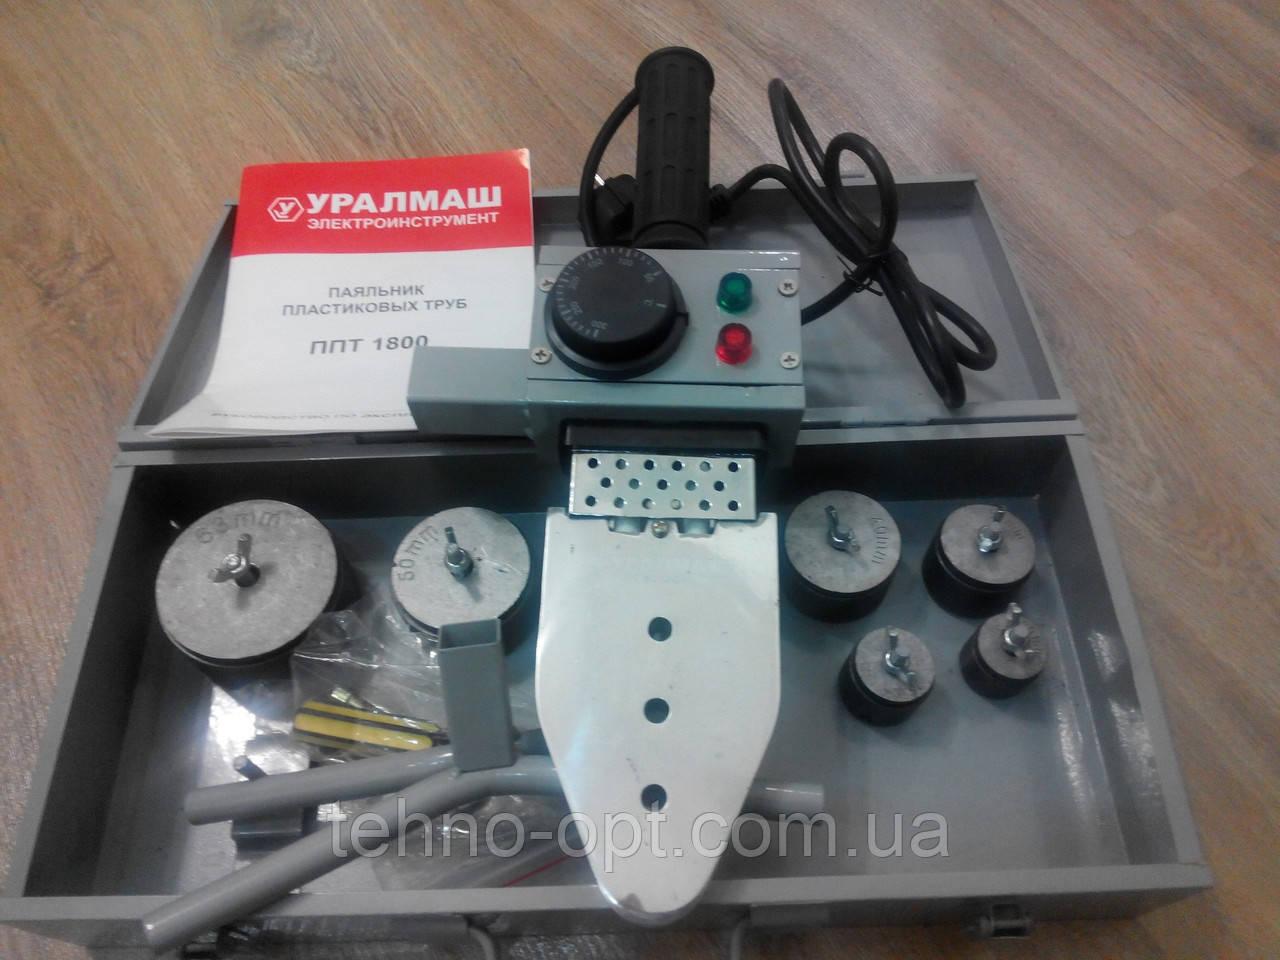 Паяльник Уралмаш ППТ-1800